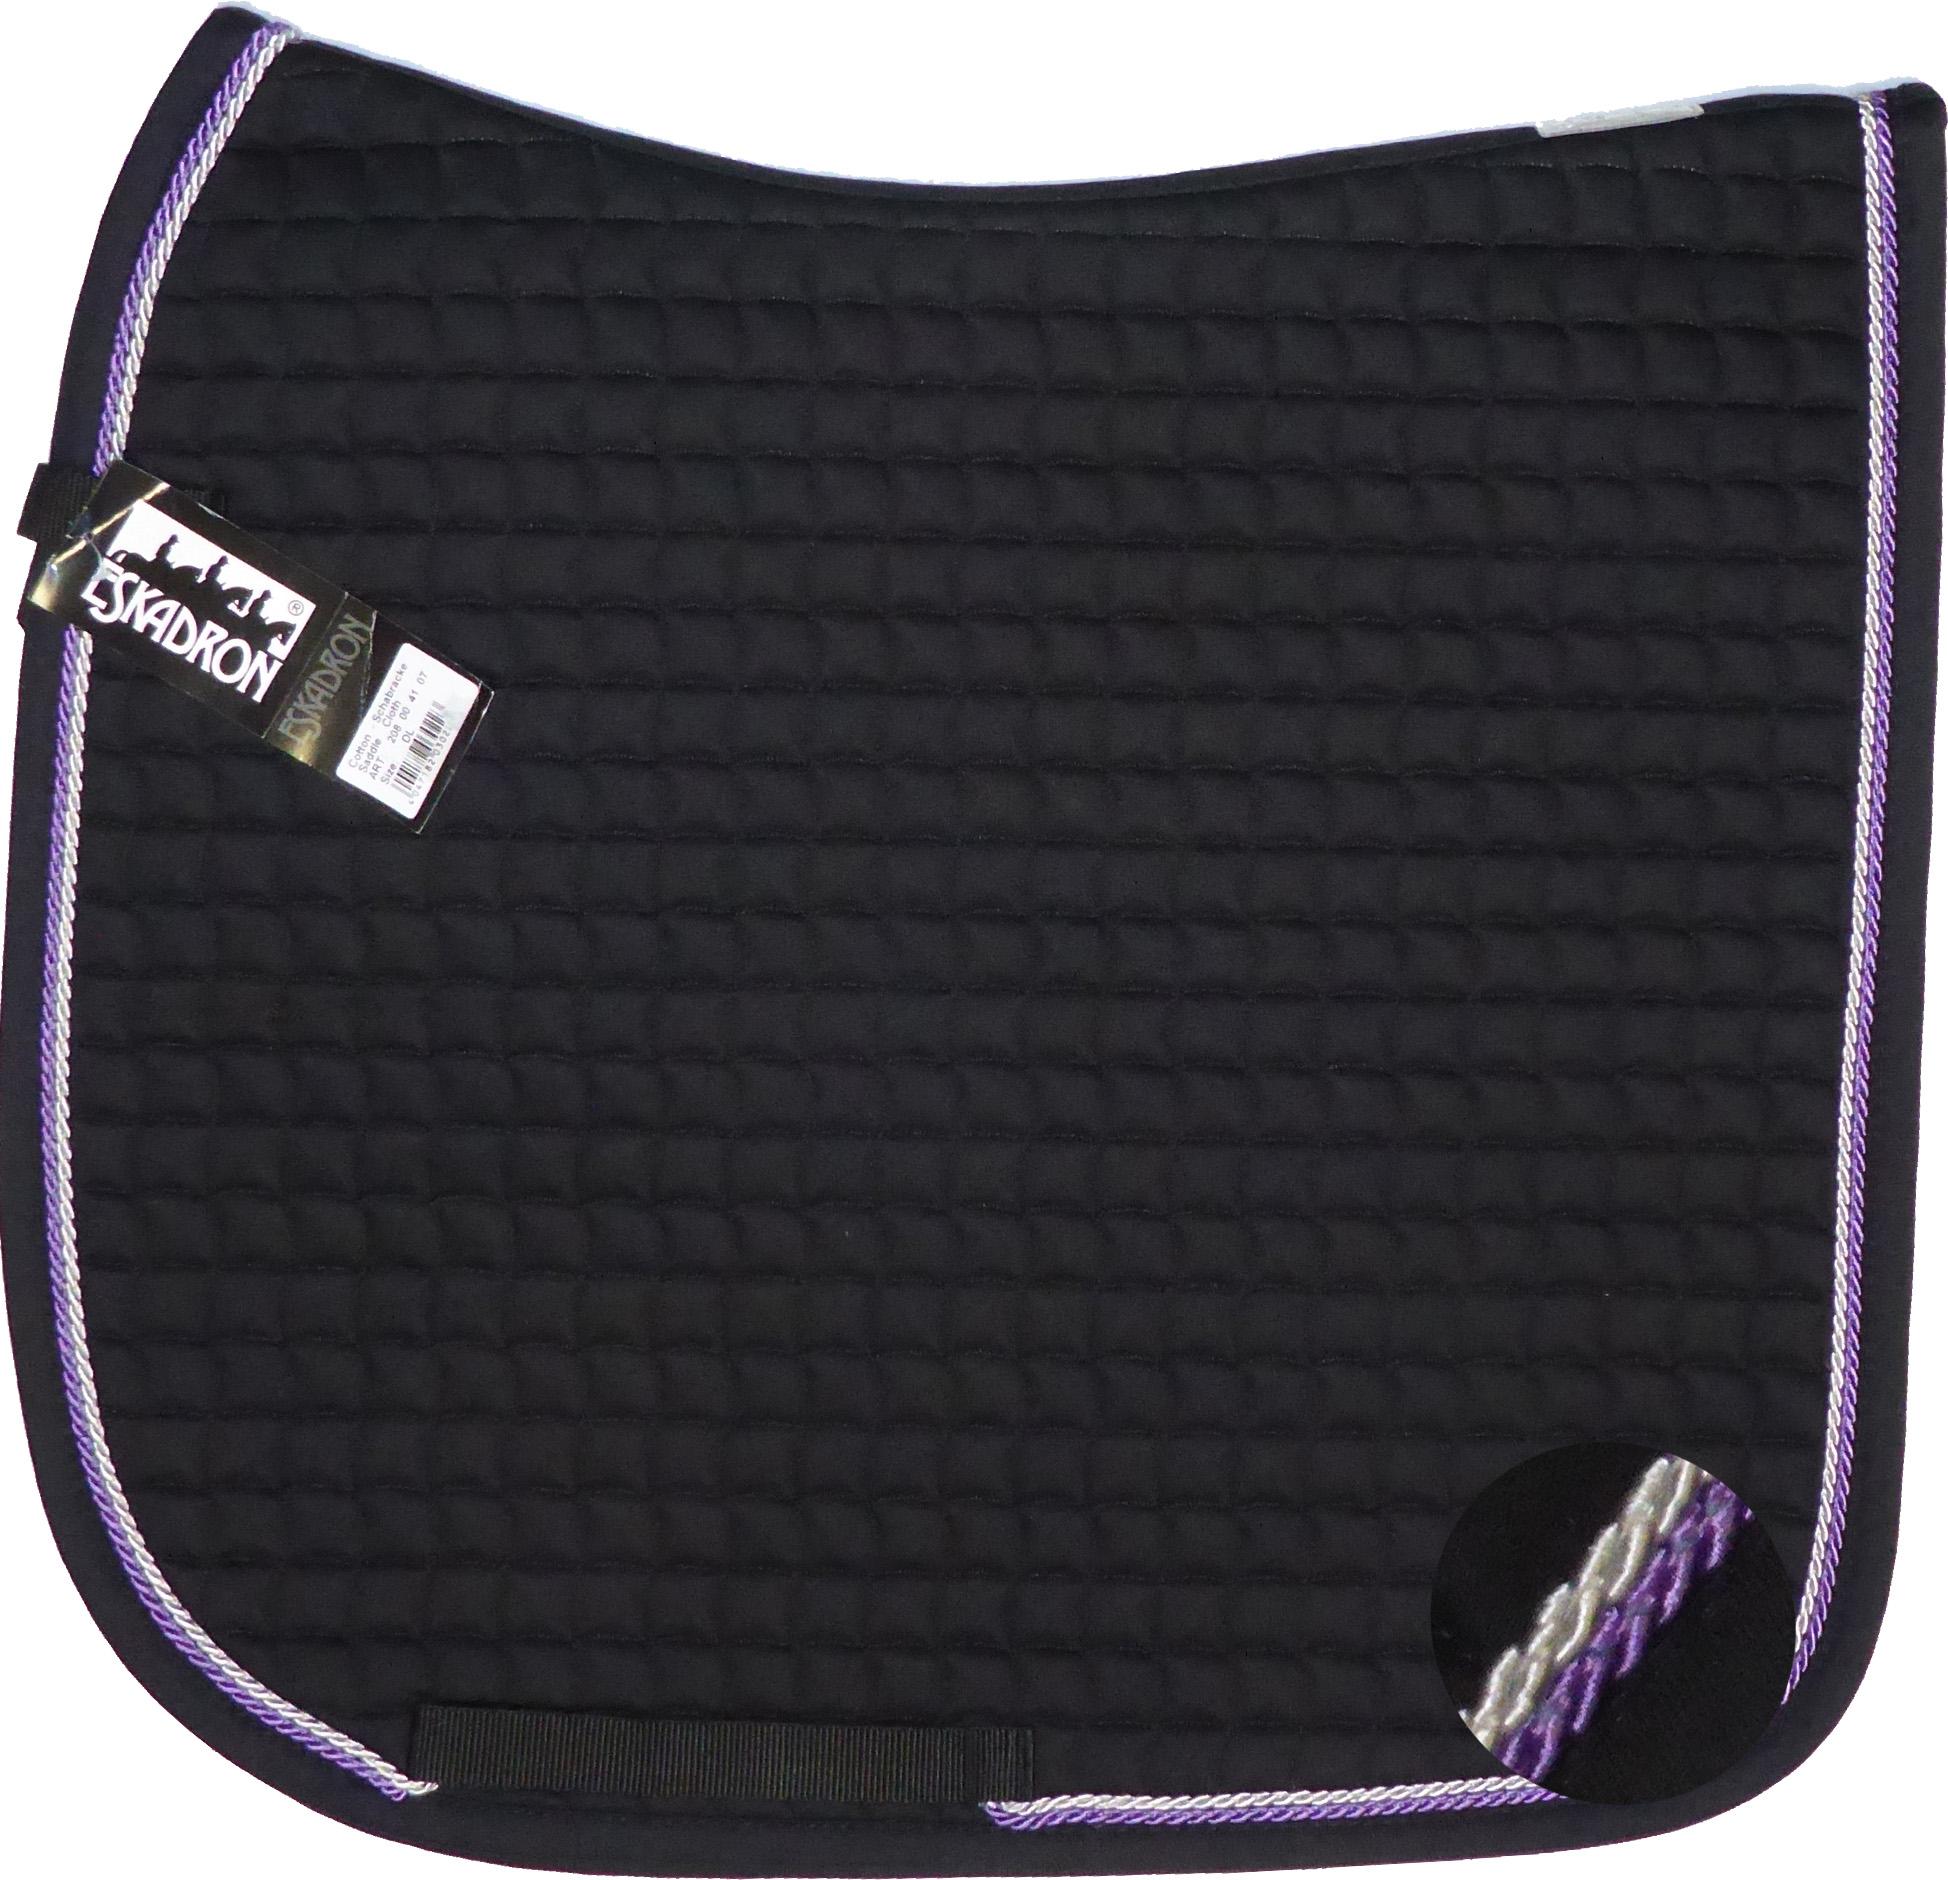 ESKADRON Cotton Schabracke black , 2fach Kordel lavender/silberfarben